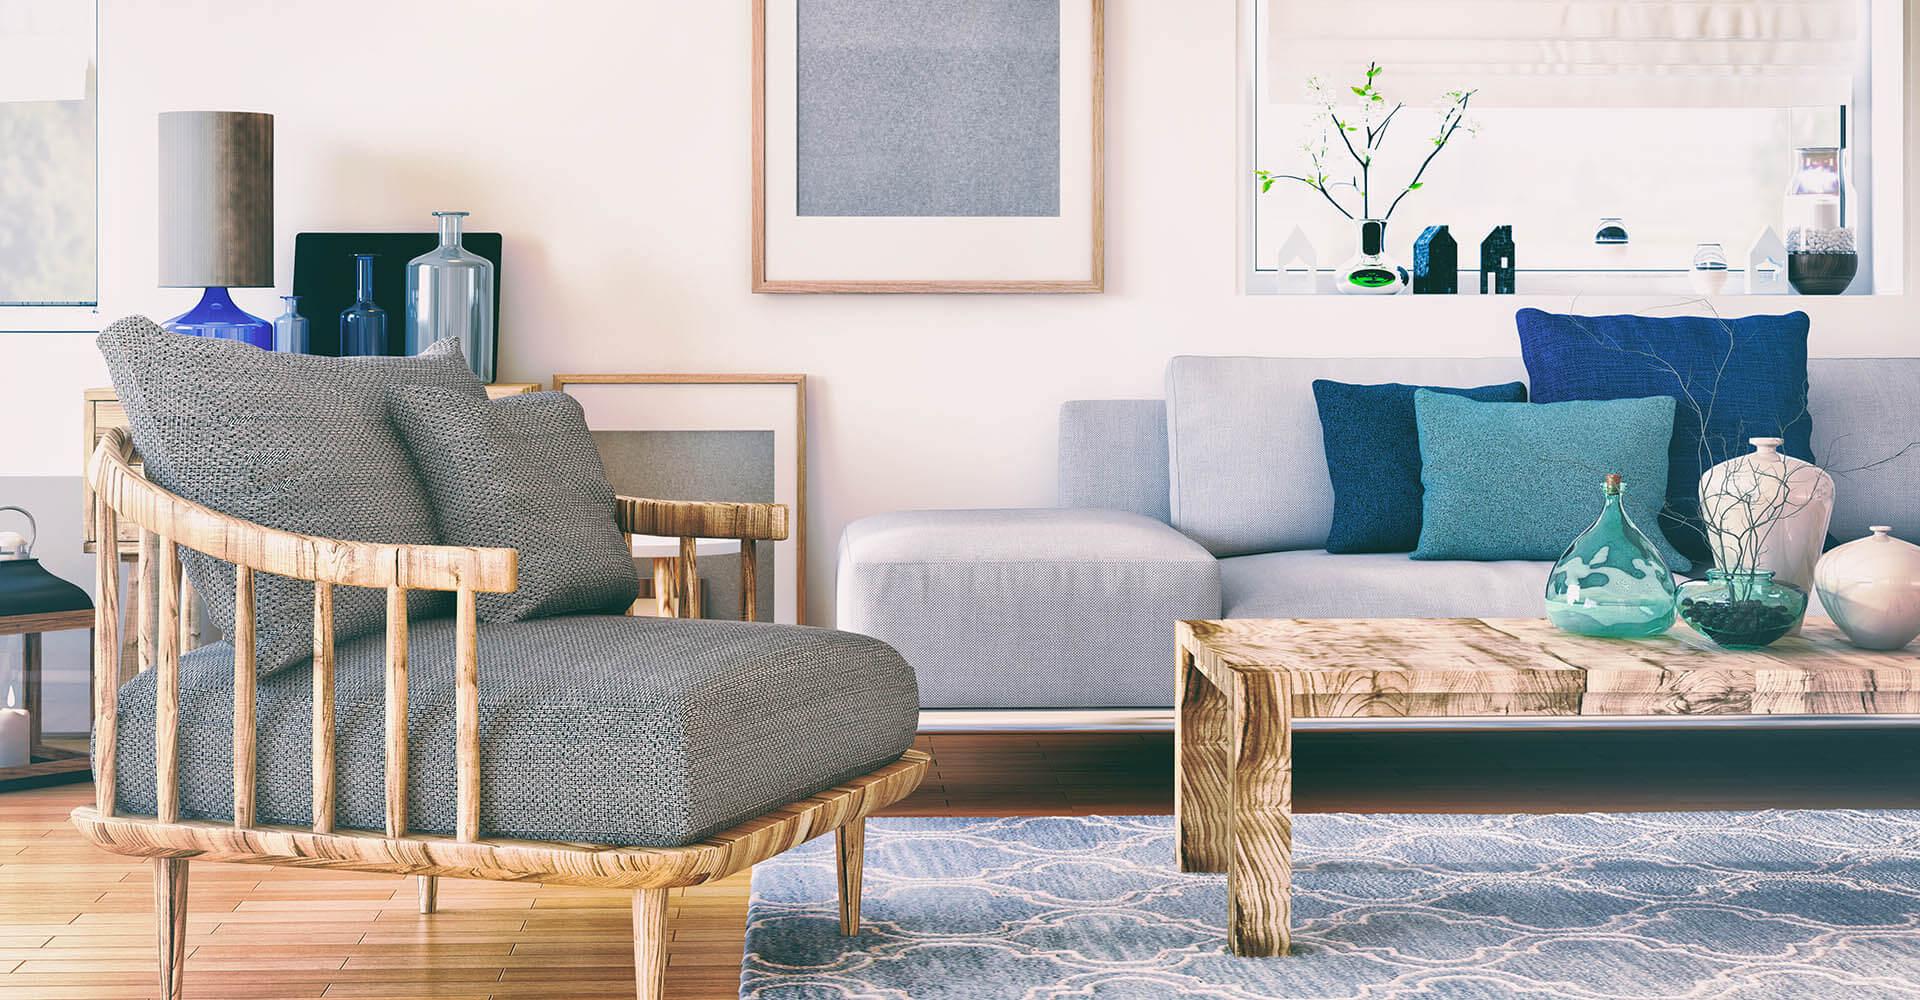 Wohnzimmer gemütlich einrichten - 8 schnell umsetzbare Tipps